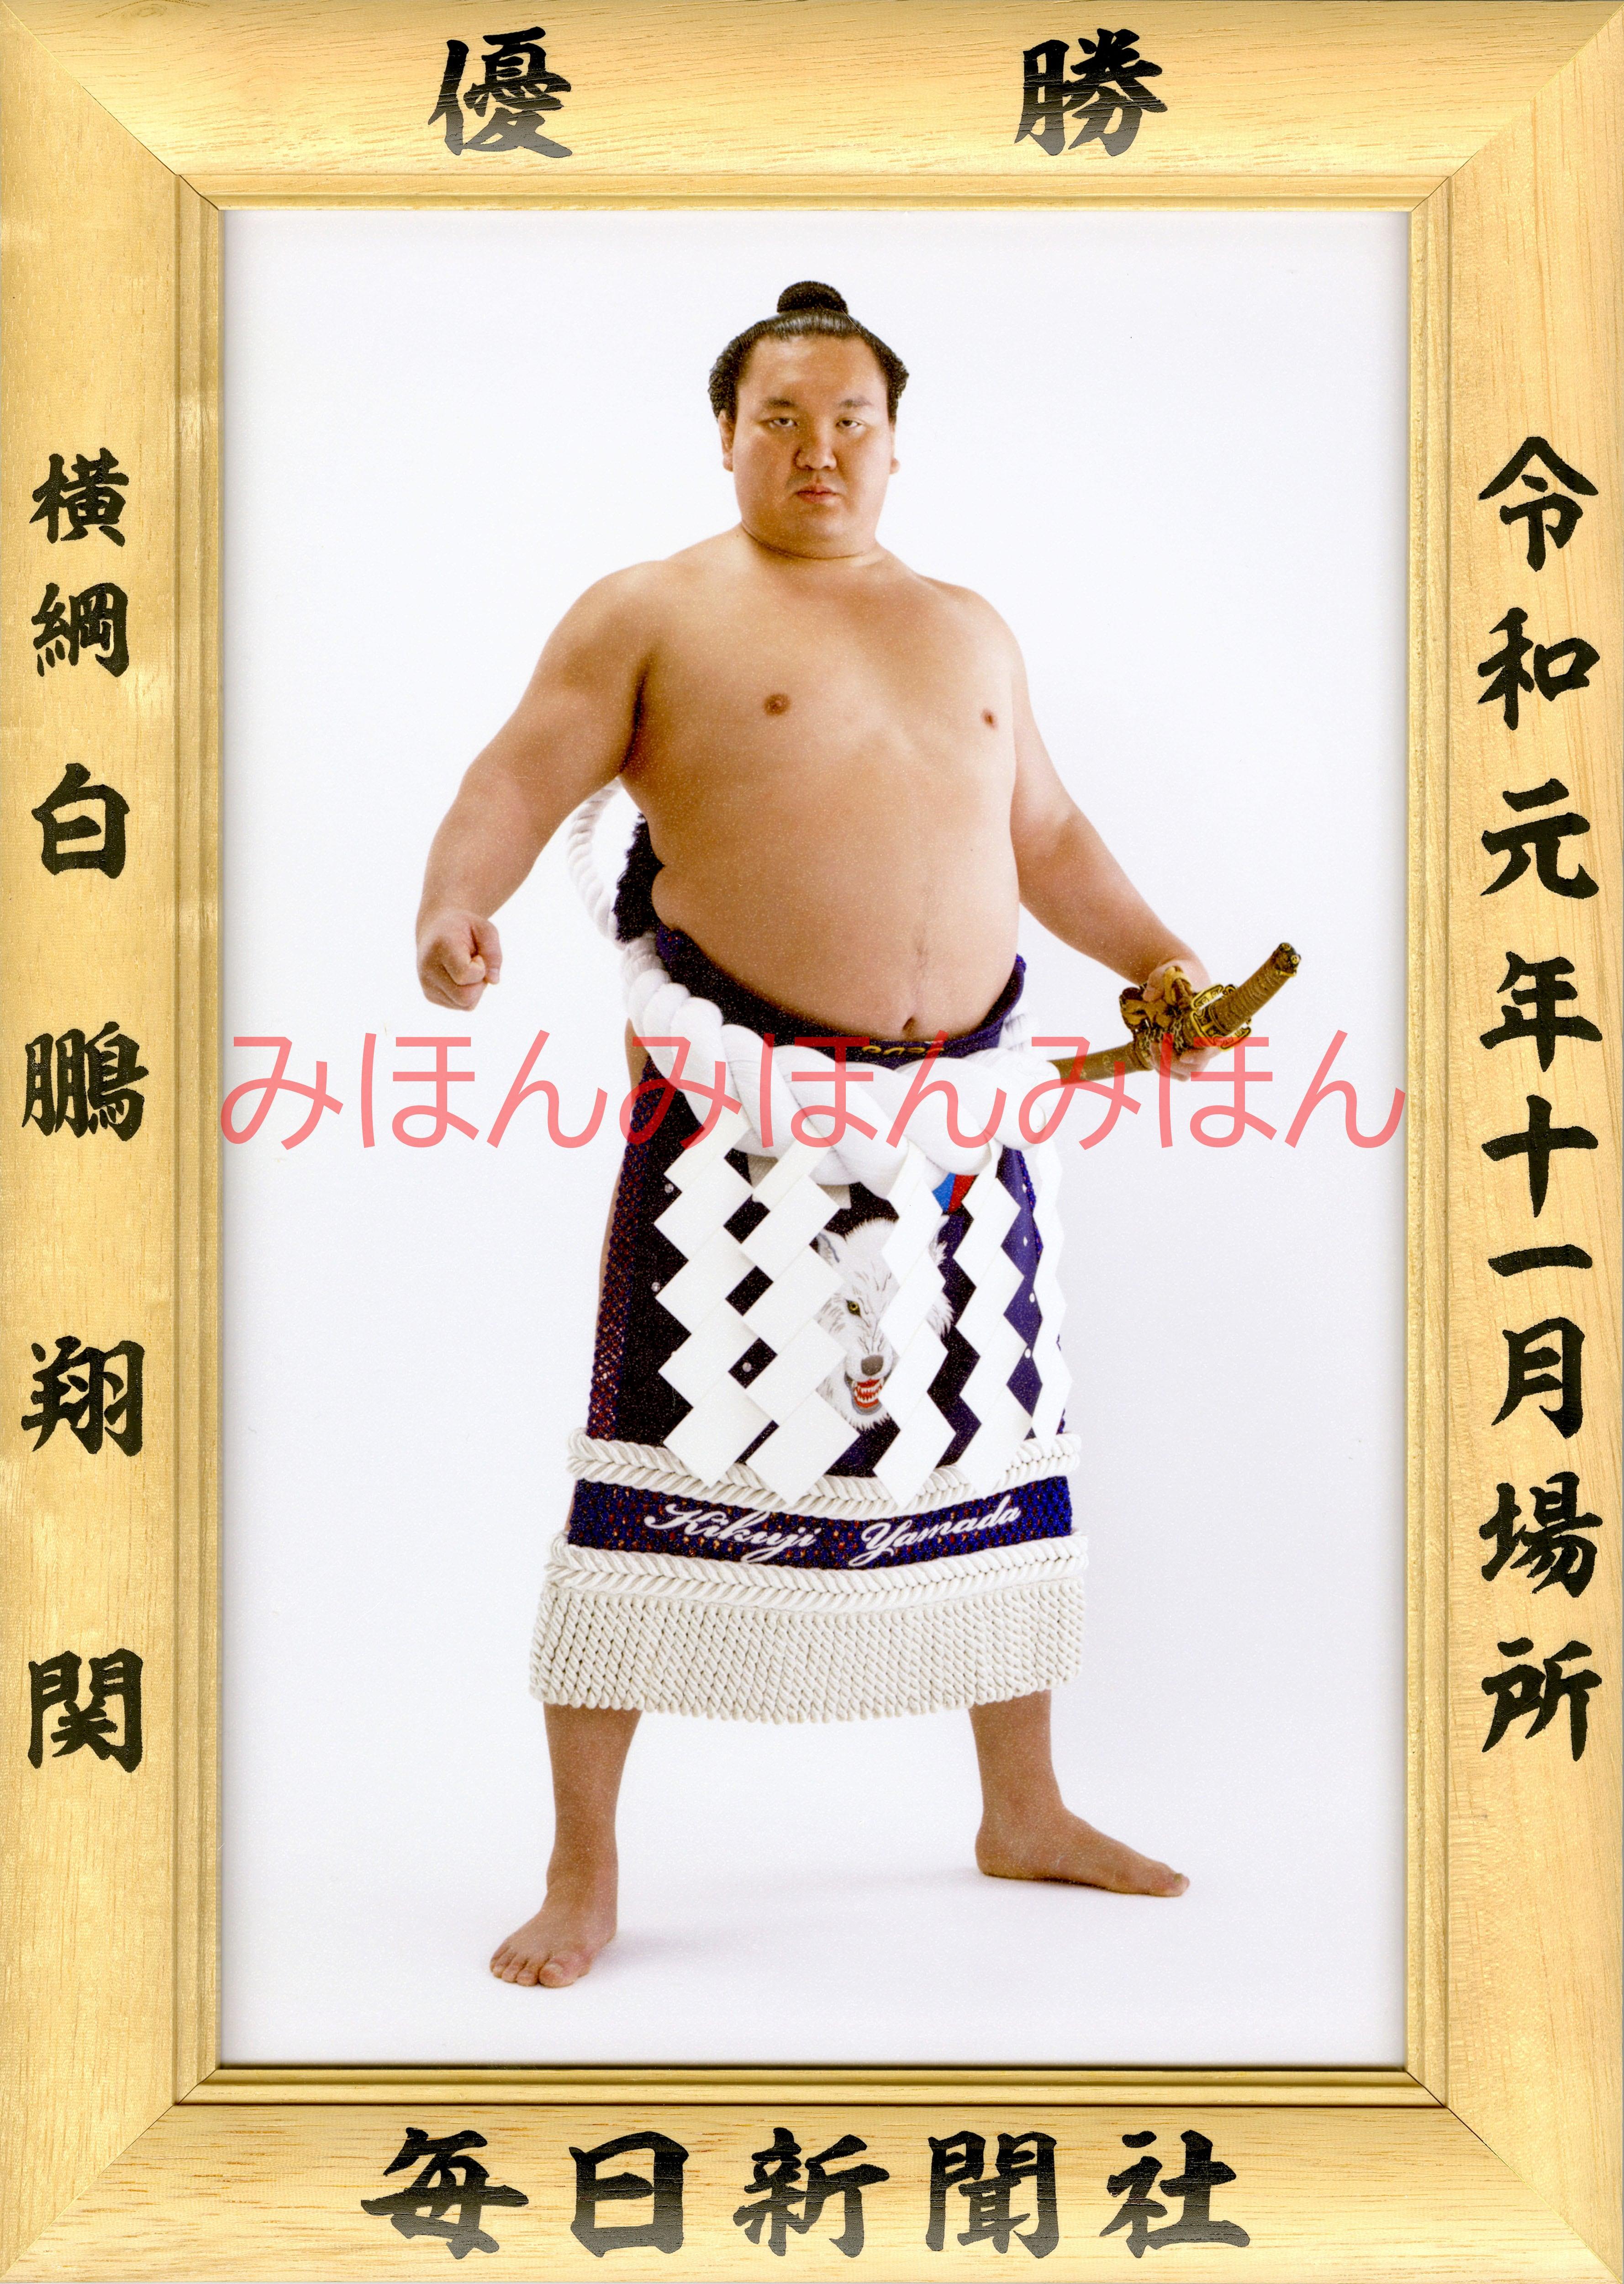 令和元(2019)年11月場所優勝 横綱 白鵬翔関(43回目の優勝)